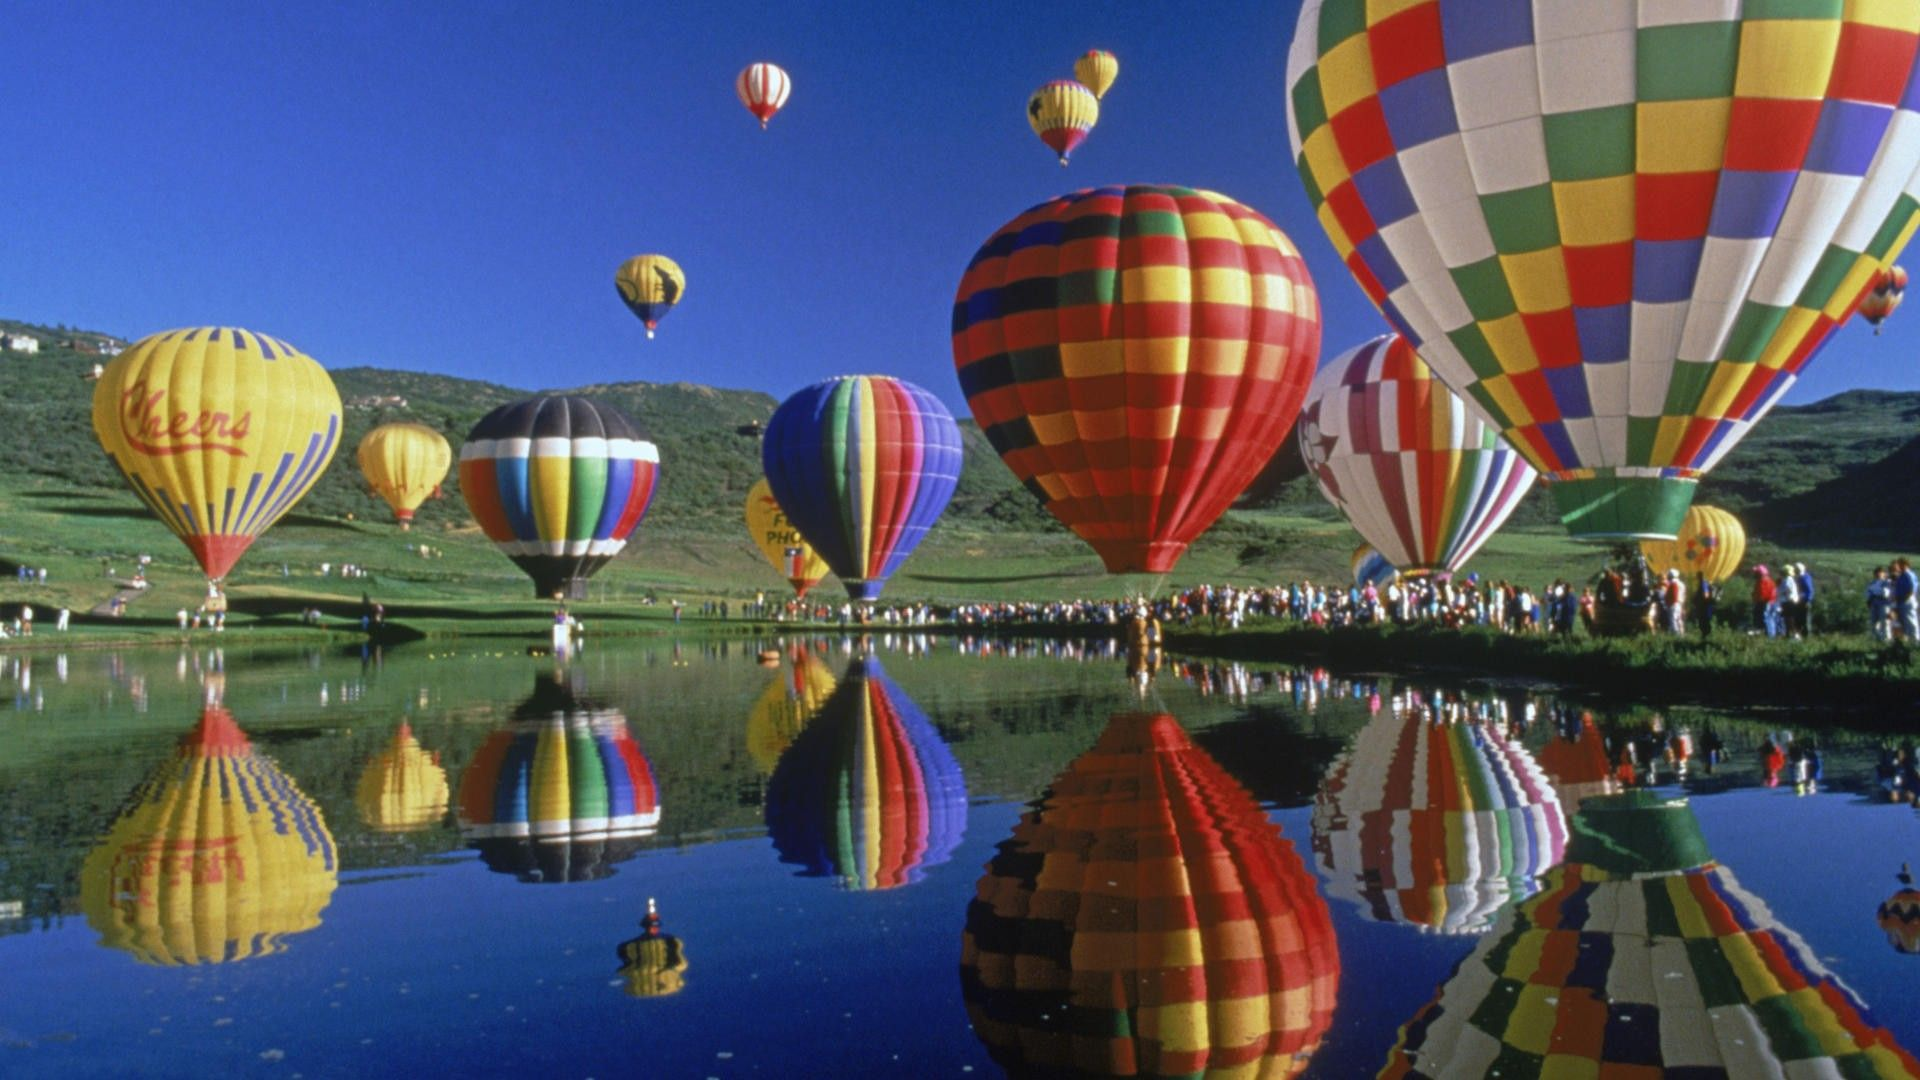 картинки на рабочий стол воздушные шары на весь экран автор